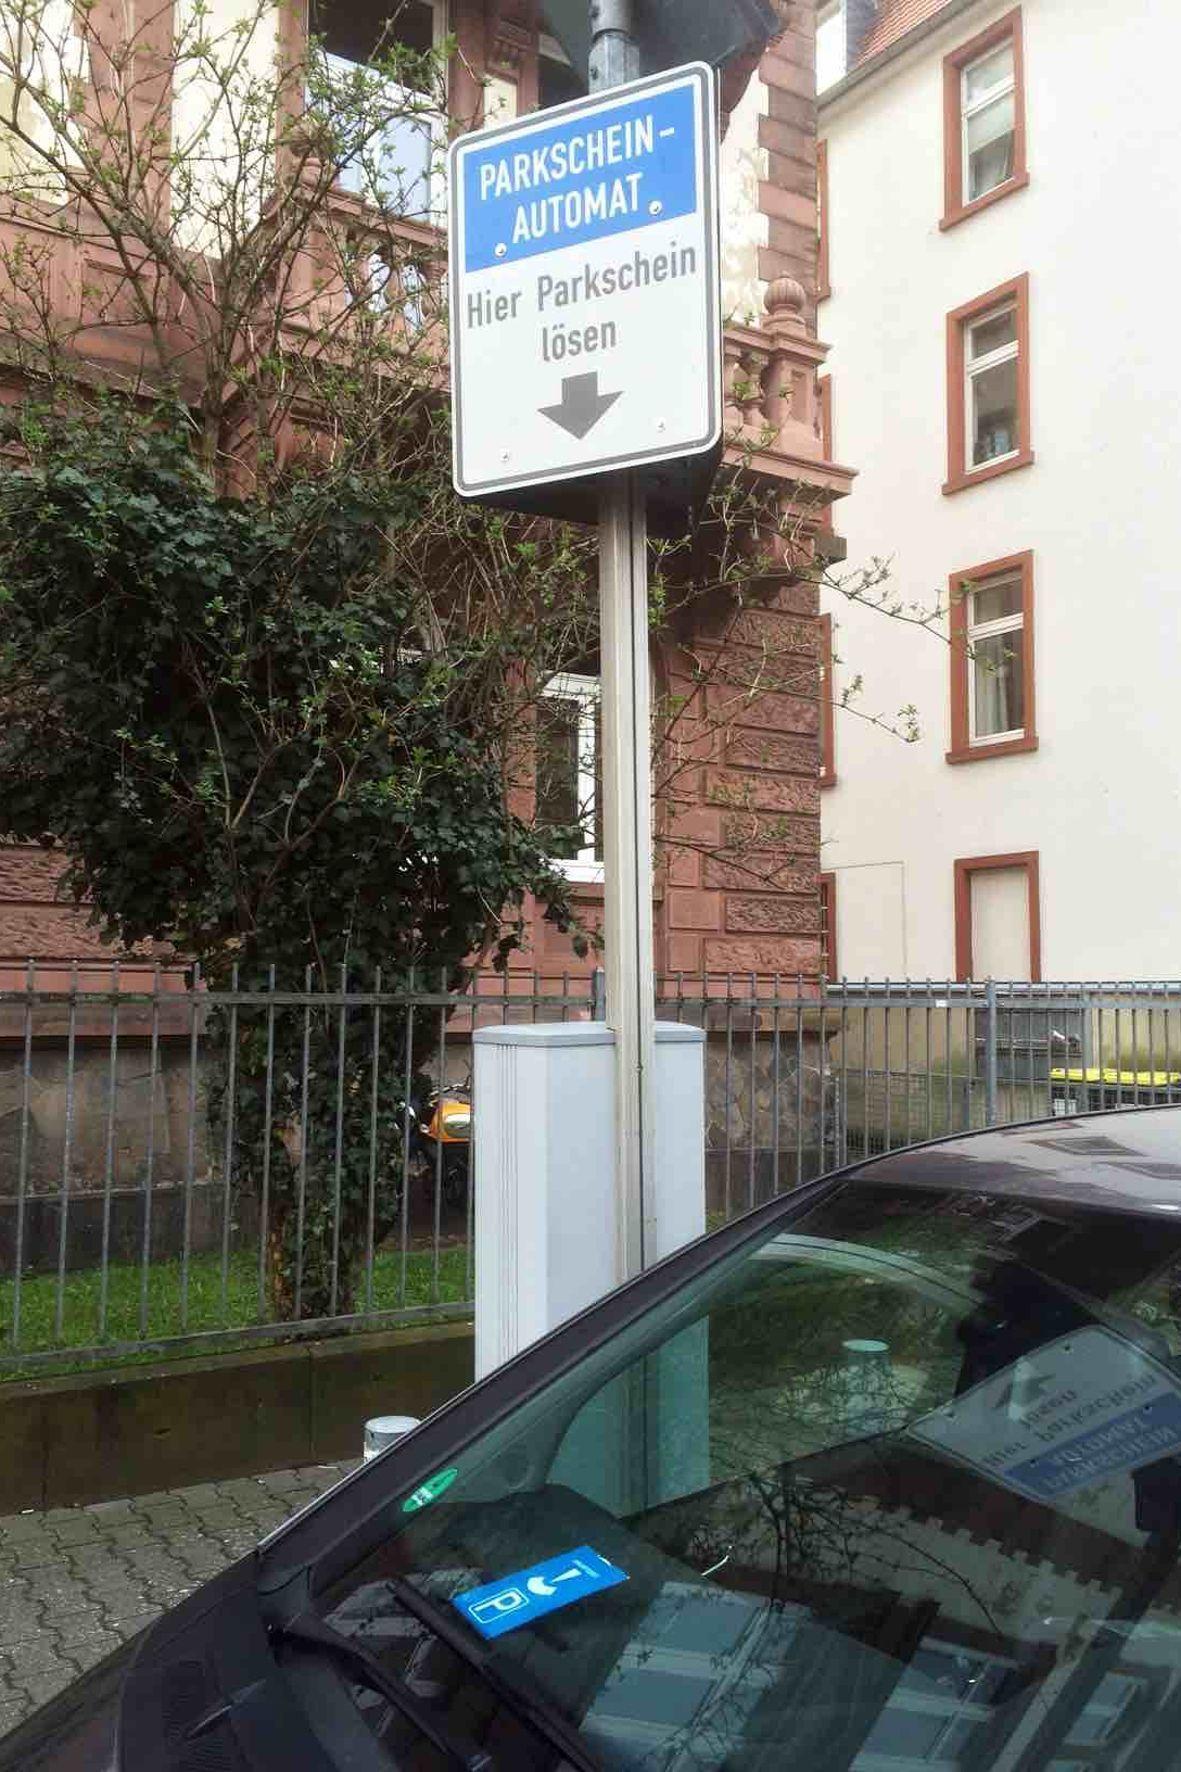 mid Groß-Gerau - Ein defekter Parkautomat berechtigt nicht automatisch zum frei Parken.